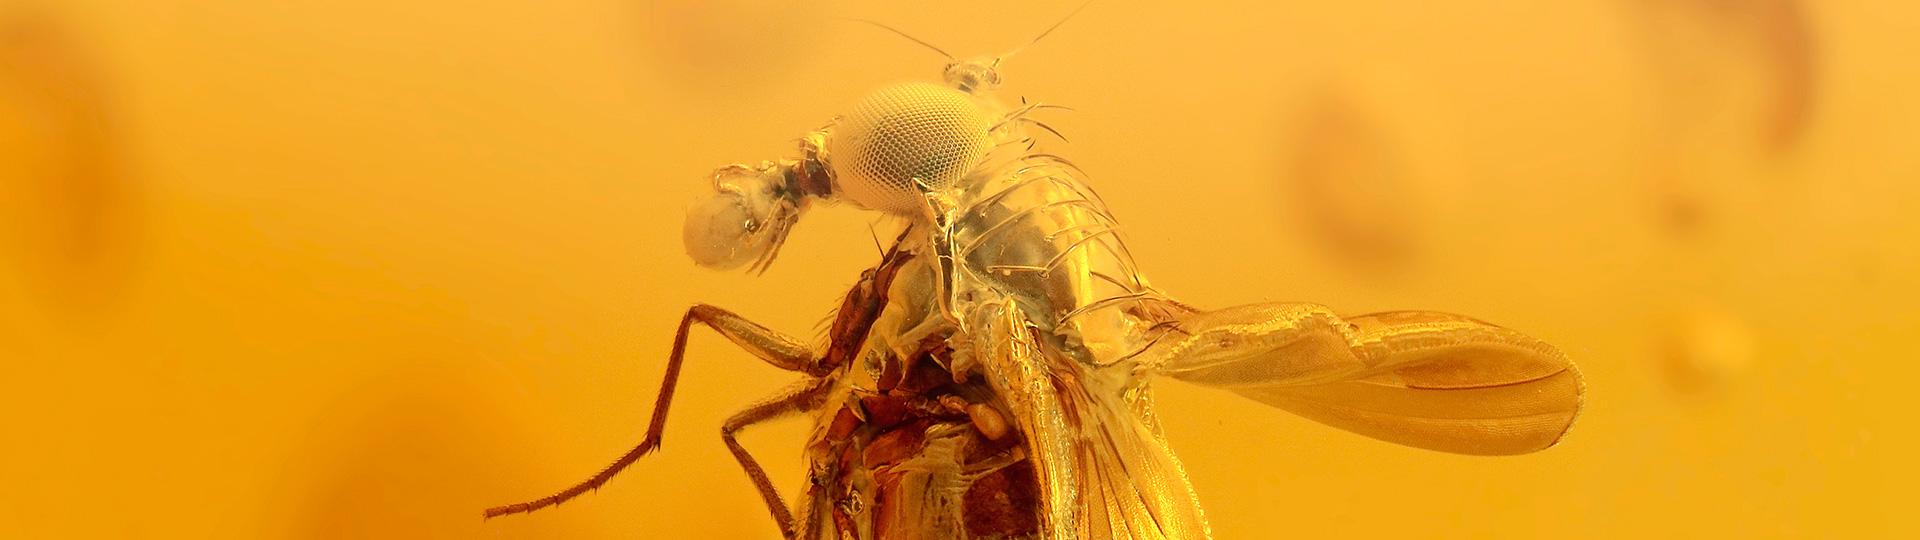 Phoresie als Bernstein Inkluse, eine Milbe angeheftet an einer Fliege als Bernstein Einschluss